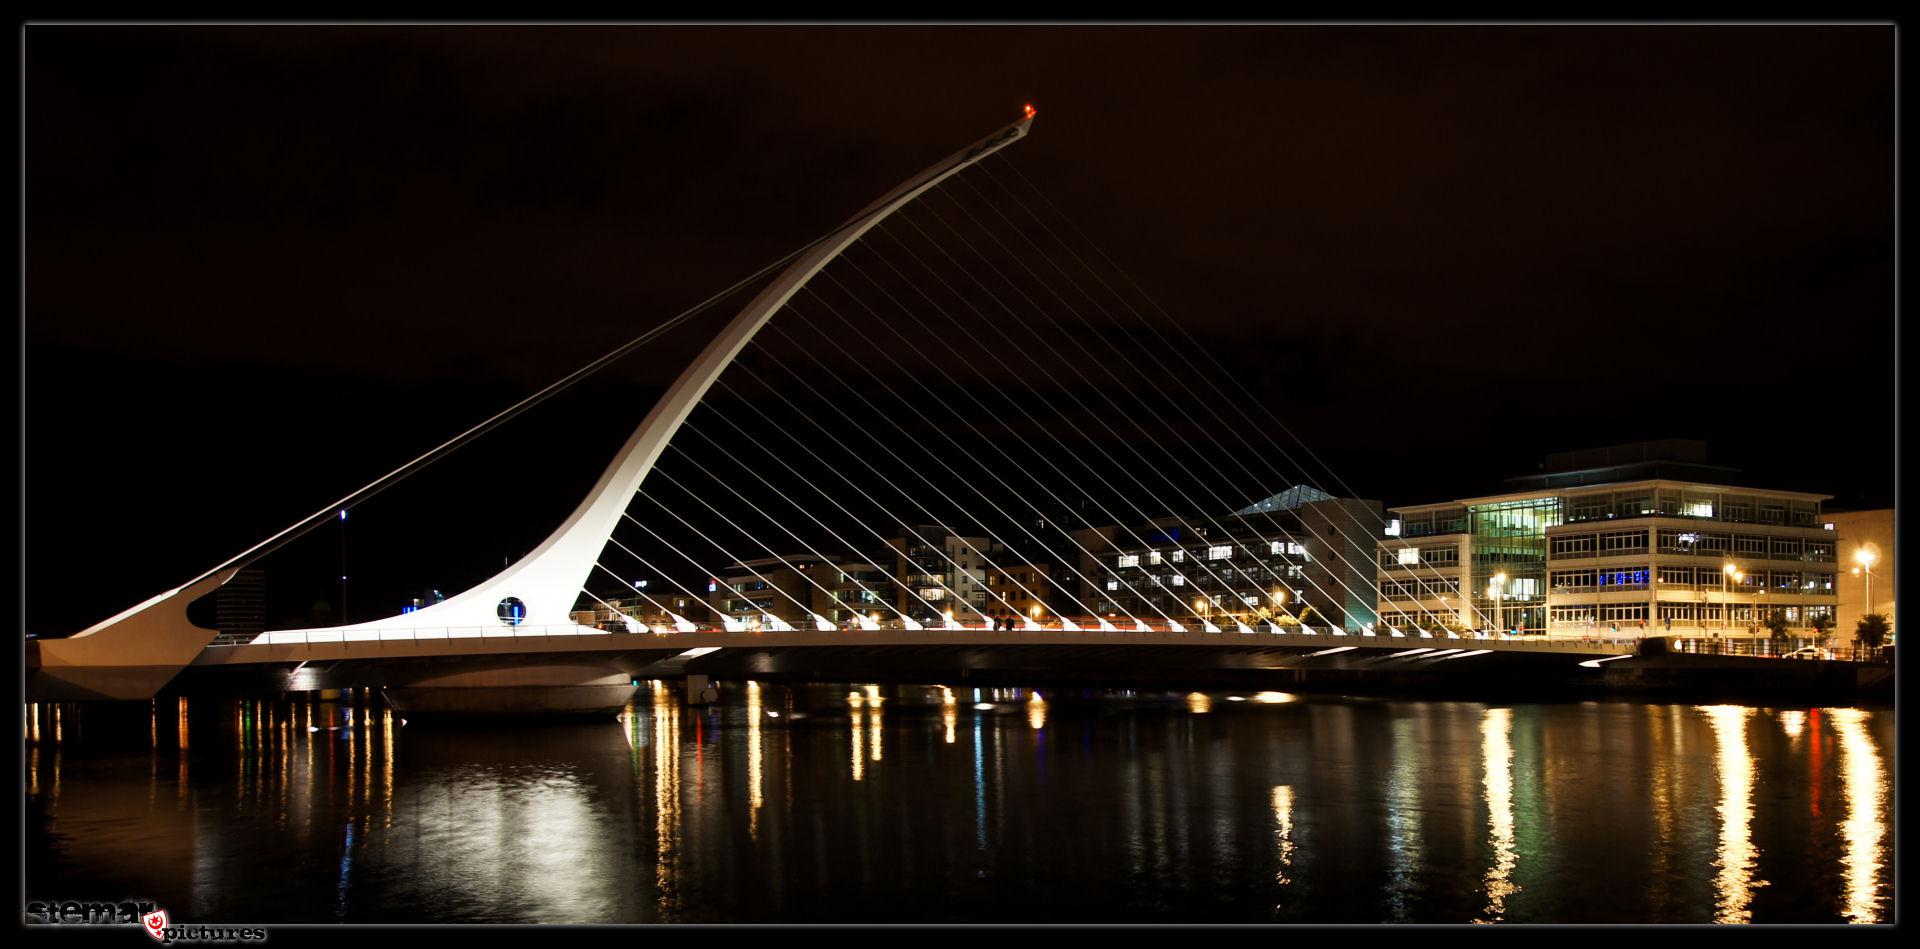 SAMUEL BECKETT BRIDGE (Dublin 2013)